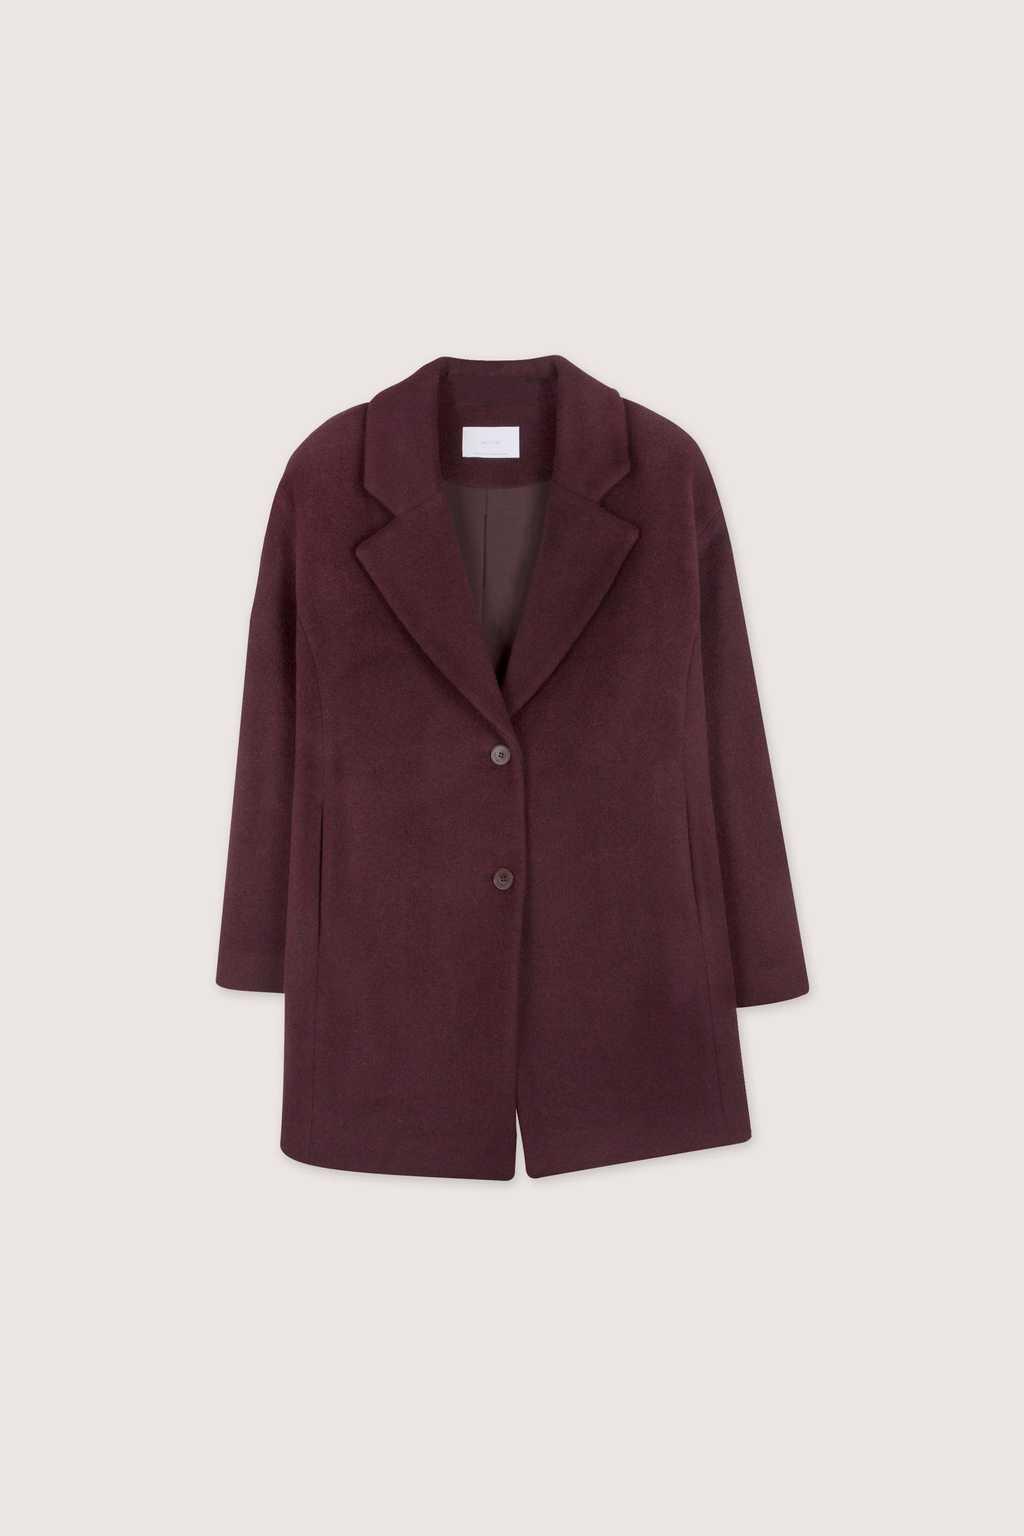 Coat 1527 Burgundy 9